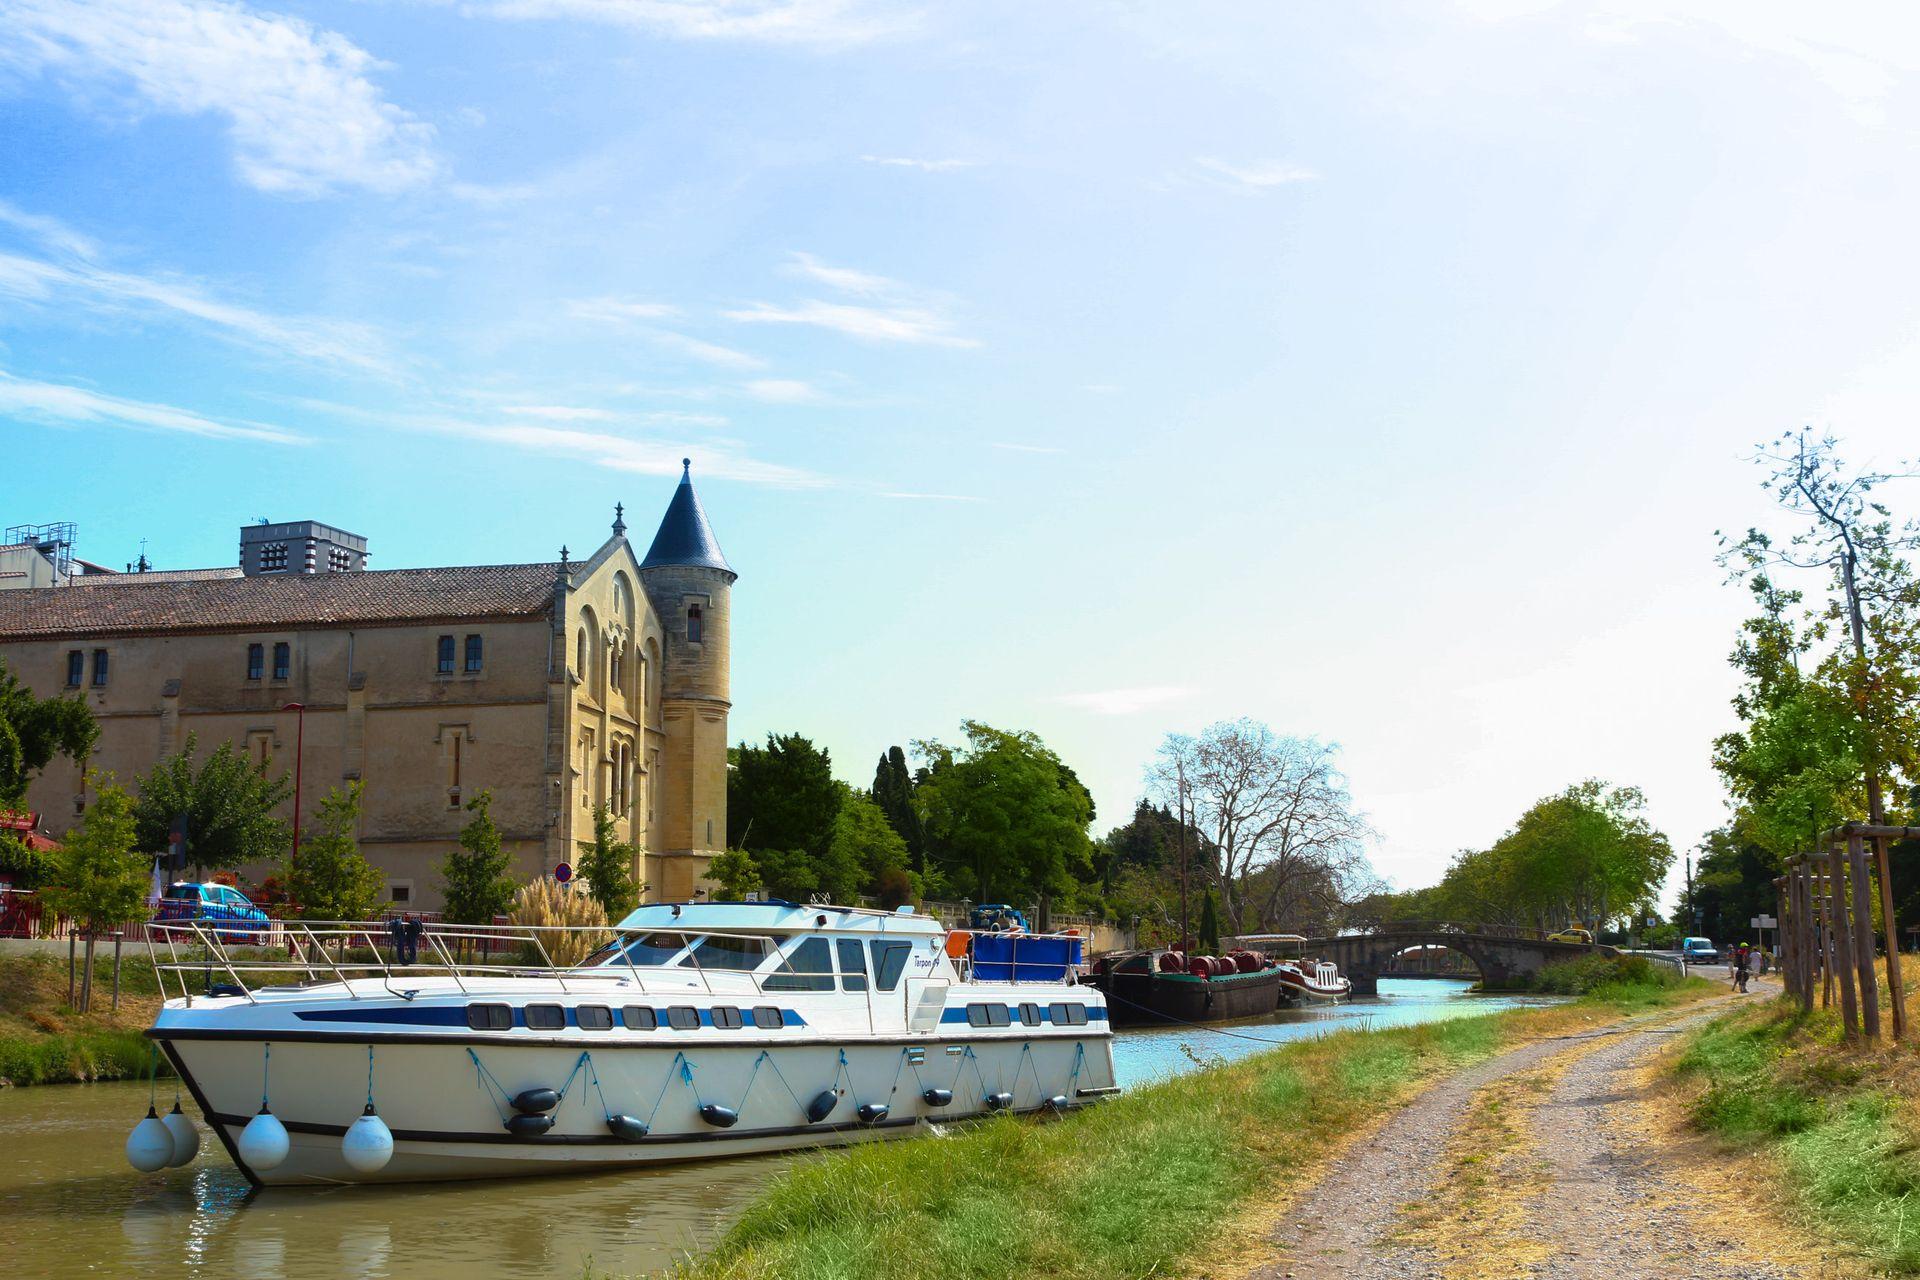 Croisière fluviale sur le canal du Midi avec Les Canalous